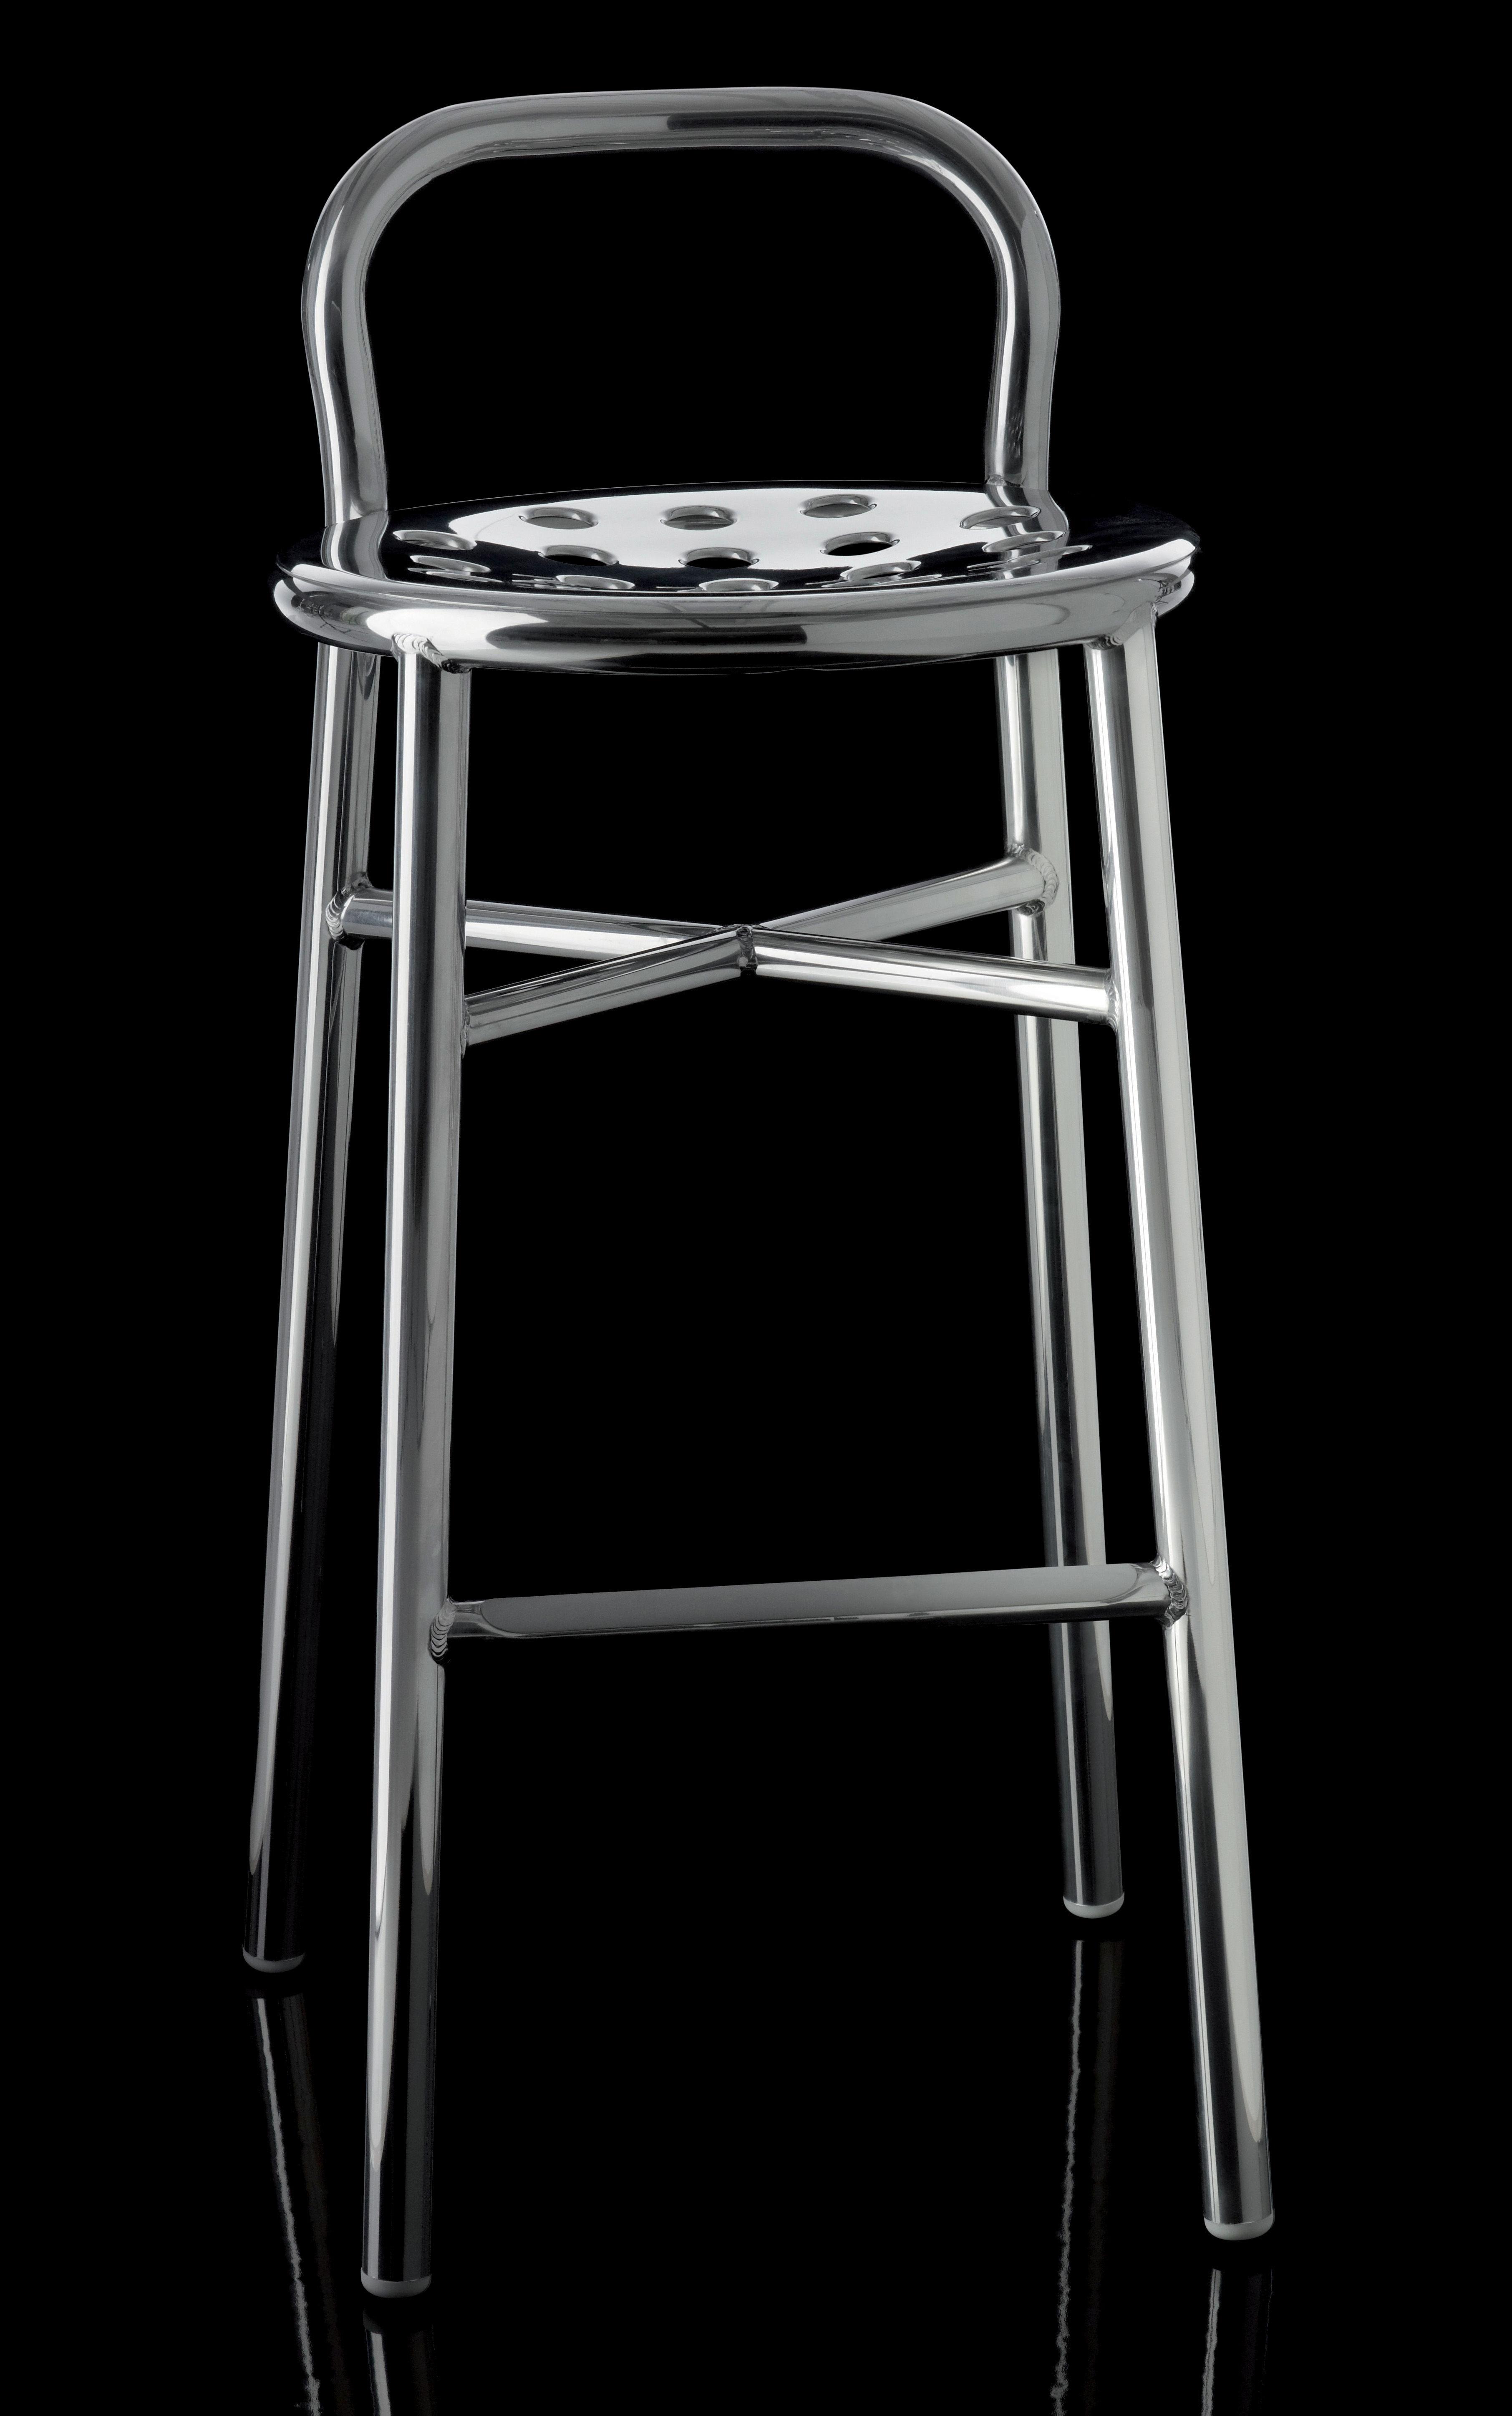 tabouret de bar pipe h 77 cm m tal alu poli magis. Black Bedroom Furniture Sets. Home Design Ideas